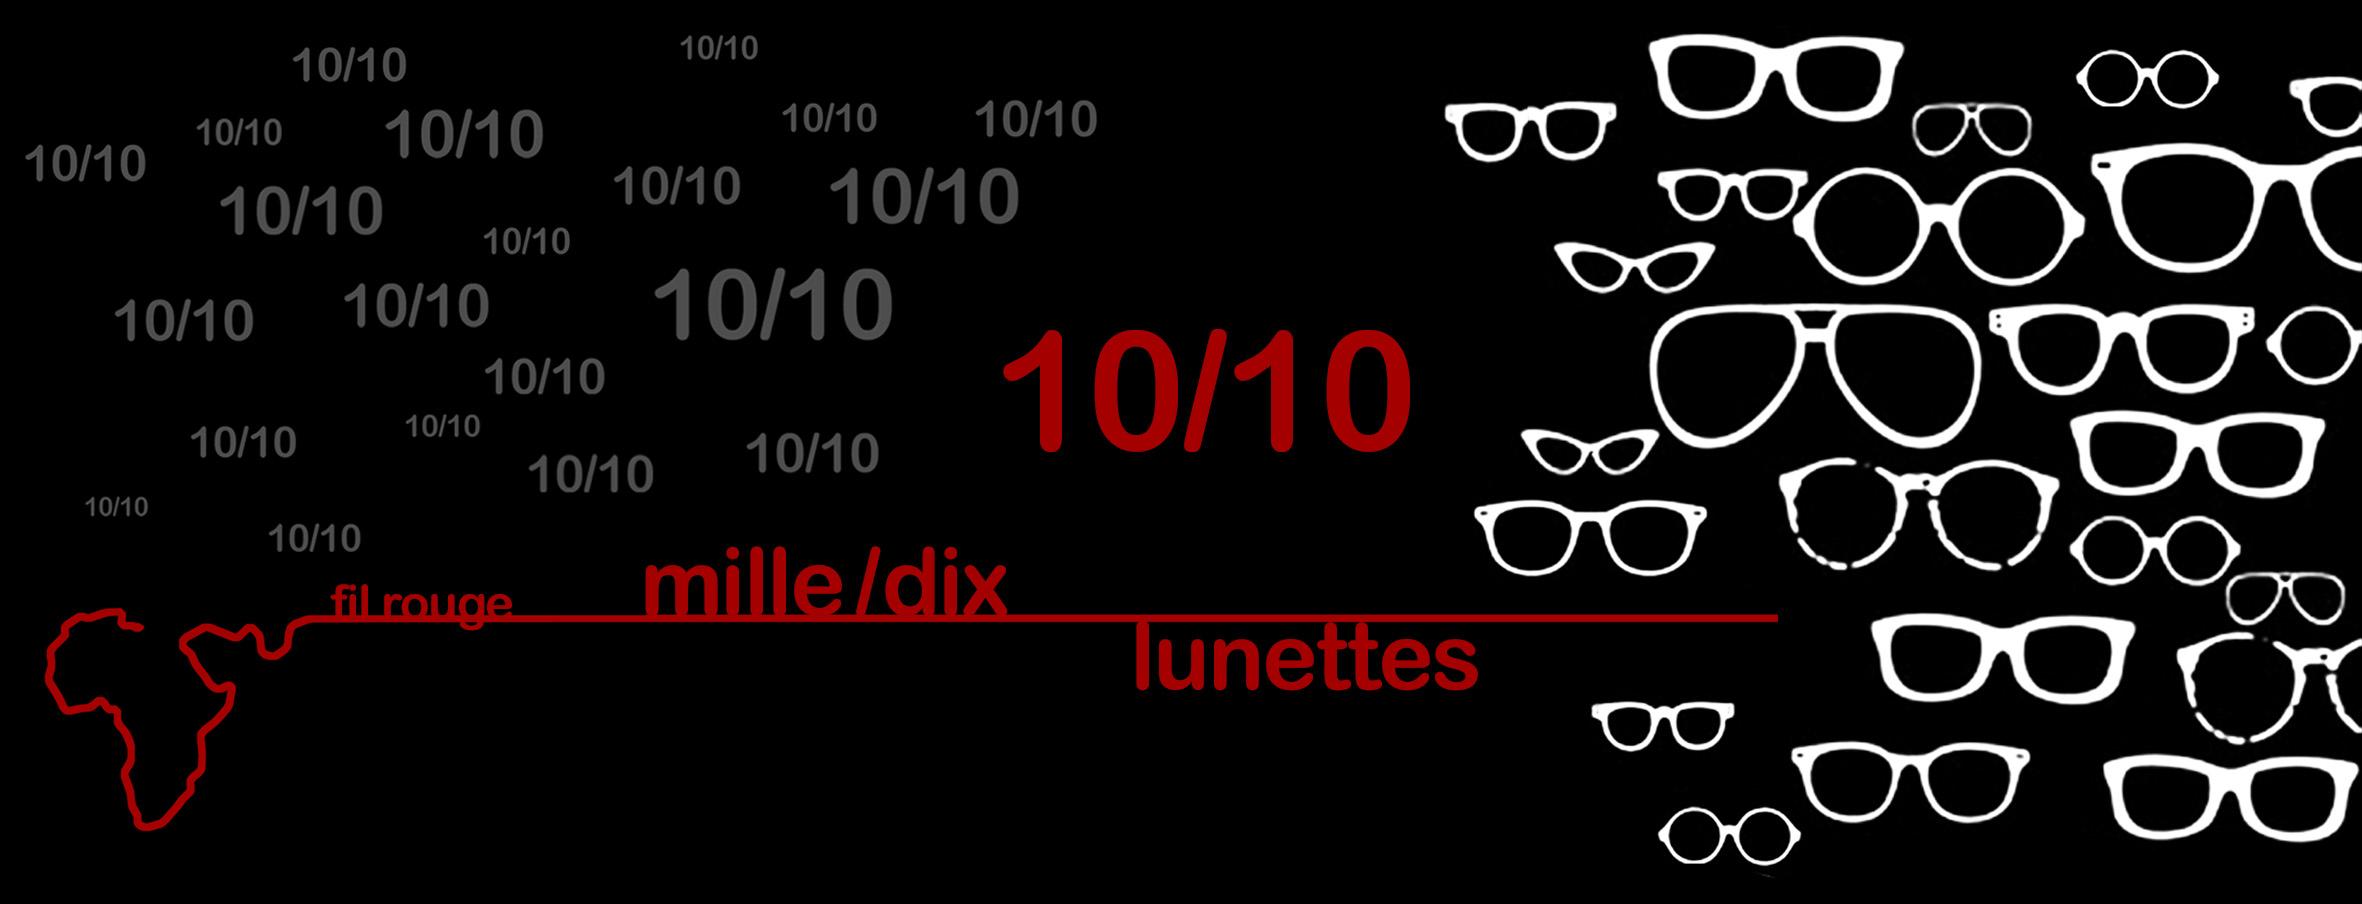 1010-milledix-lunettes-logo